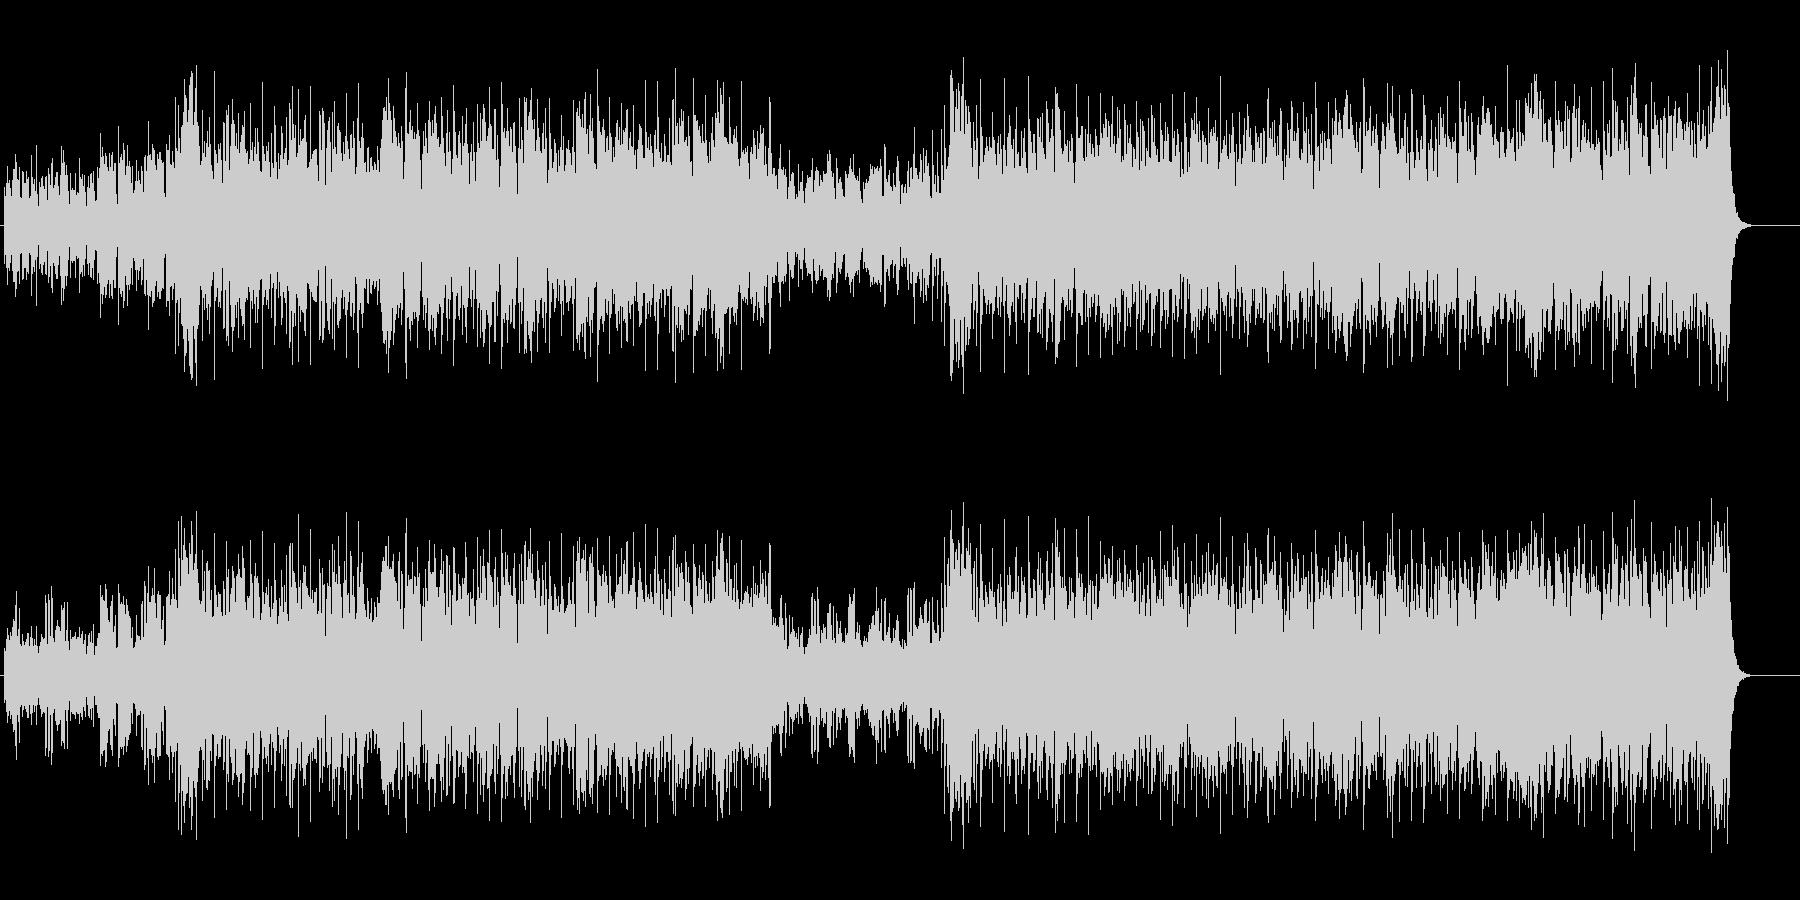 原始的で力強いファンキー・フュージョンの未再生の波形